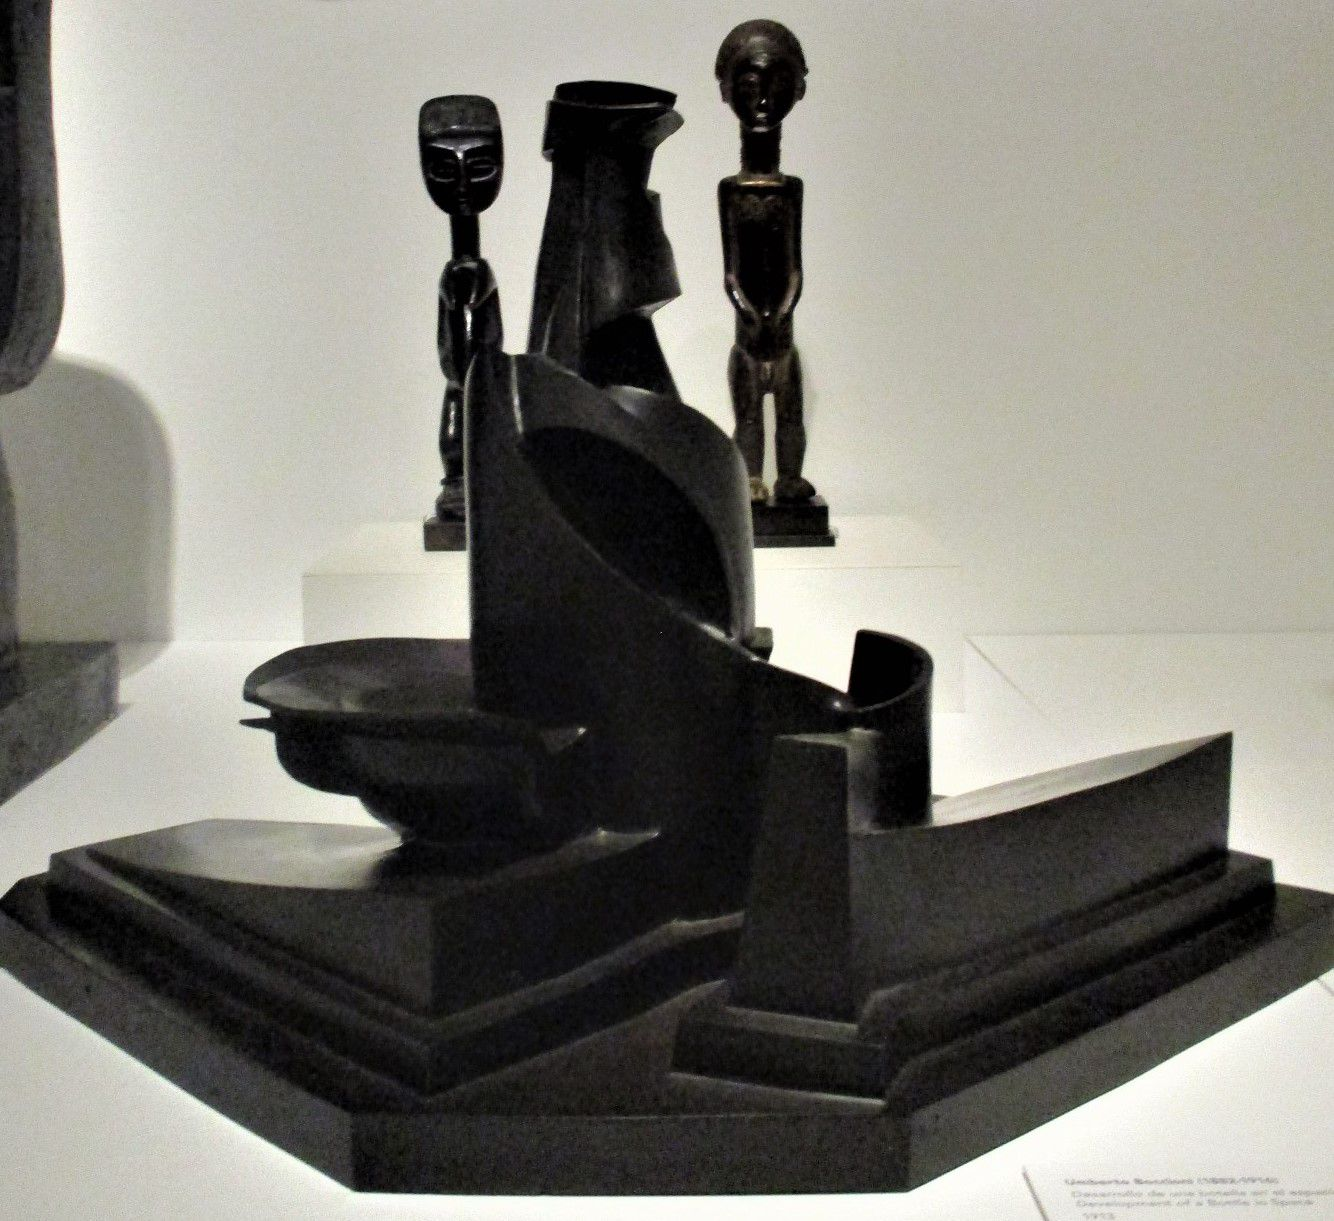 Développement d'une bouteille dans l'espace - Umberto Boccioni, 1913 (derrière, statuettes ghanéennes, début XXe s.)